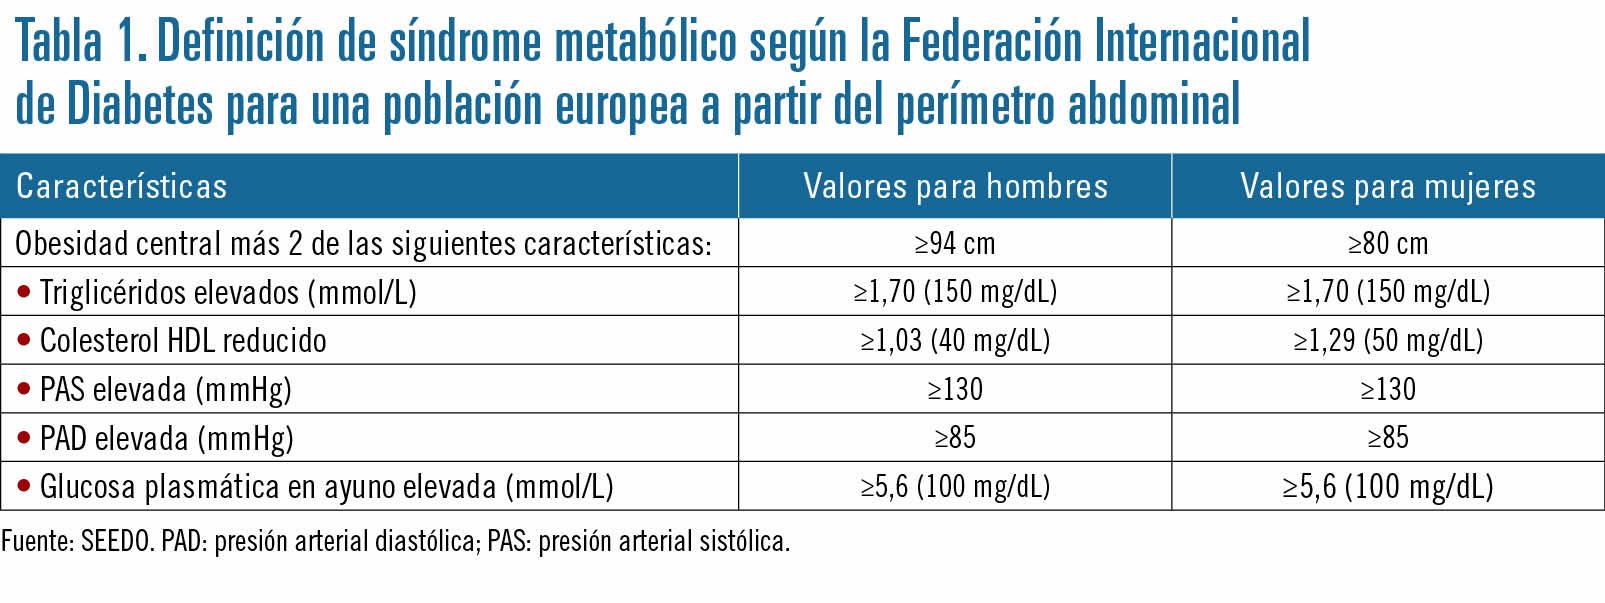 Hipertensión arterial pautas europeas diabetes